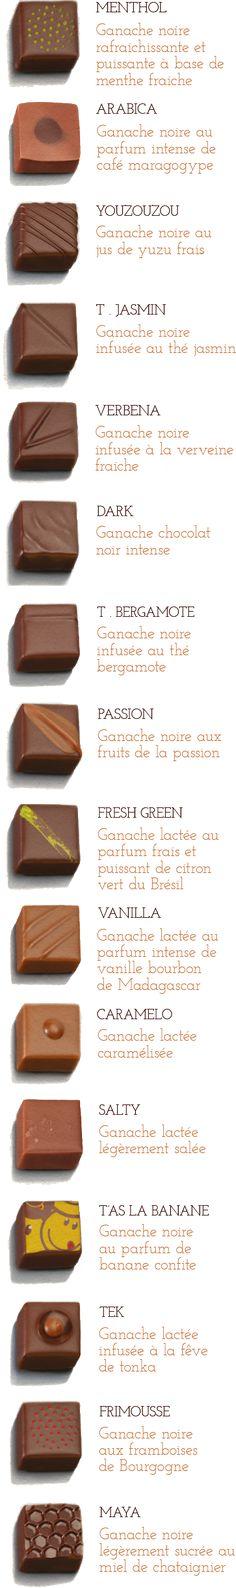 Les gourmandises : découvrez nos bonbons de chocolats. Choisissez parmi nos…